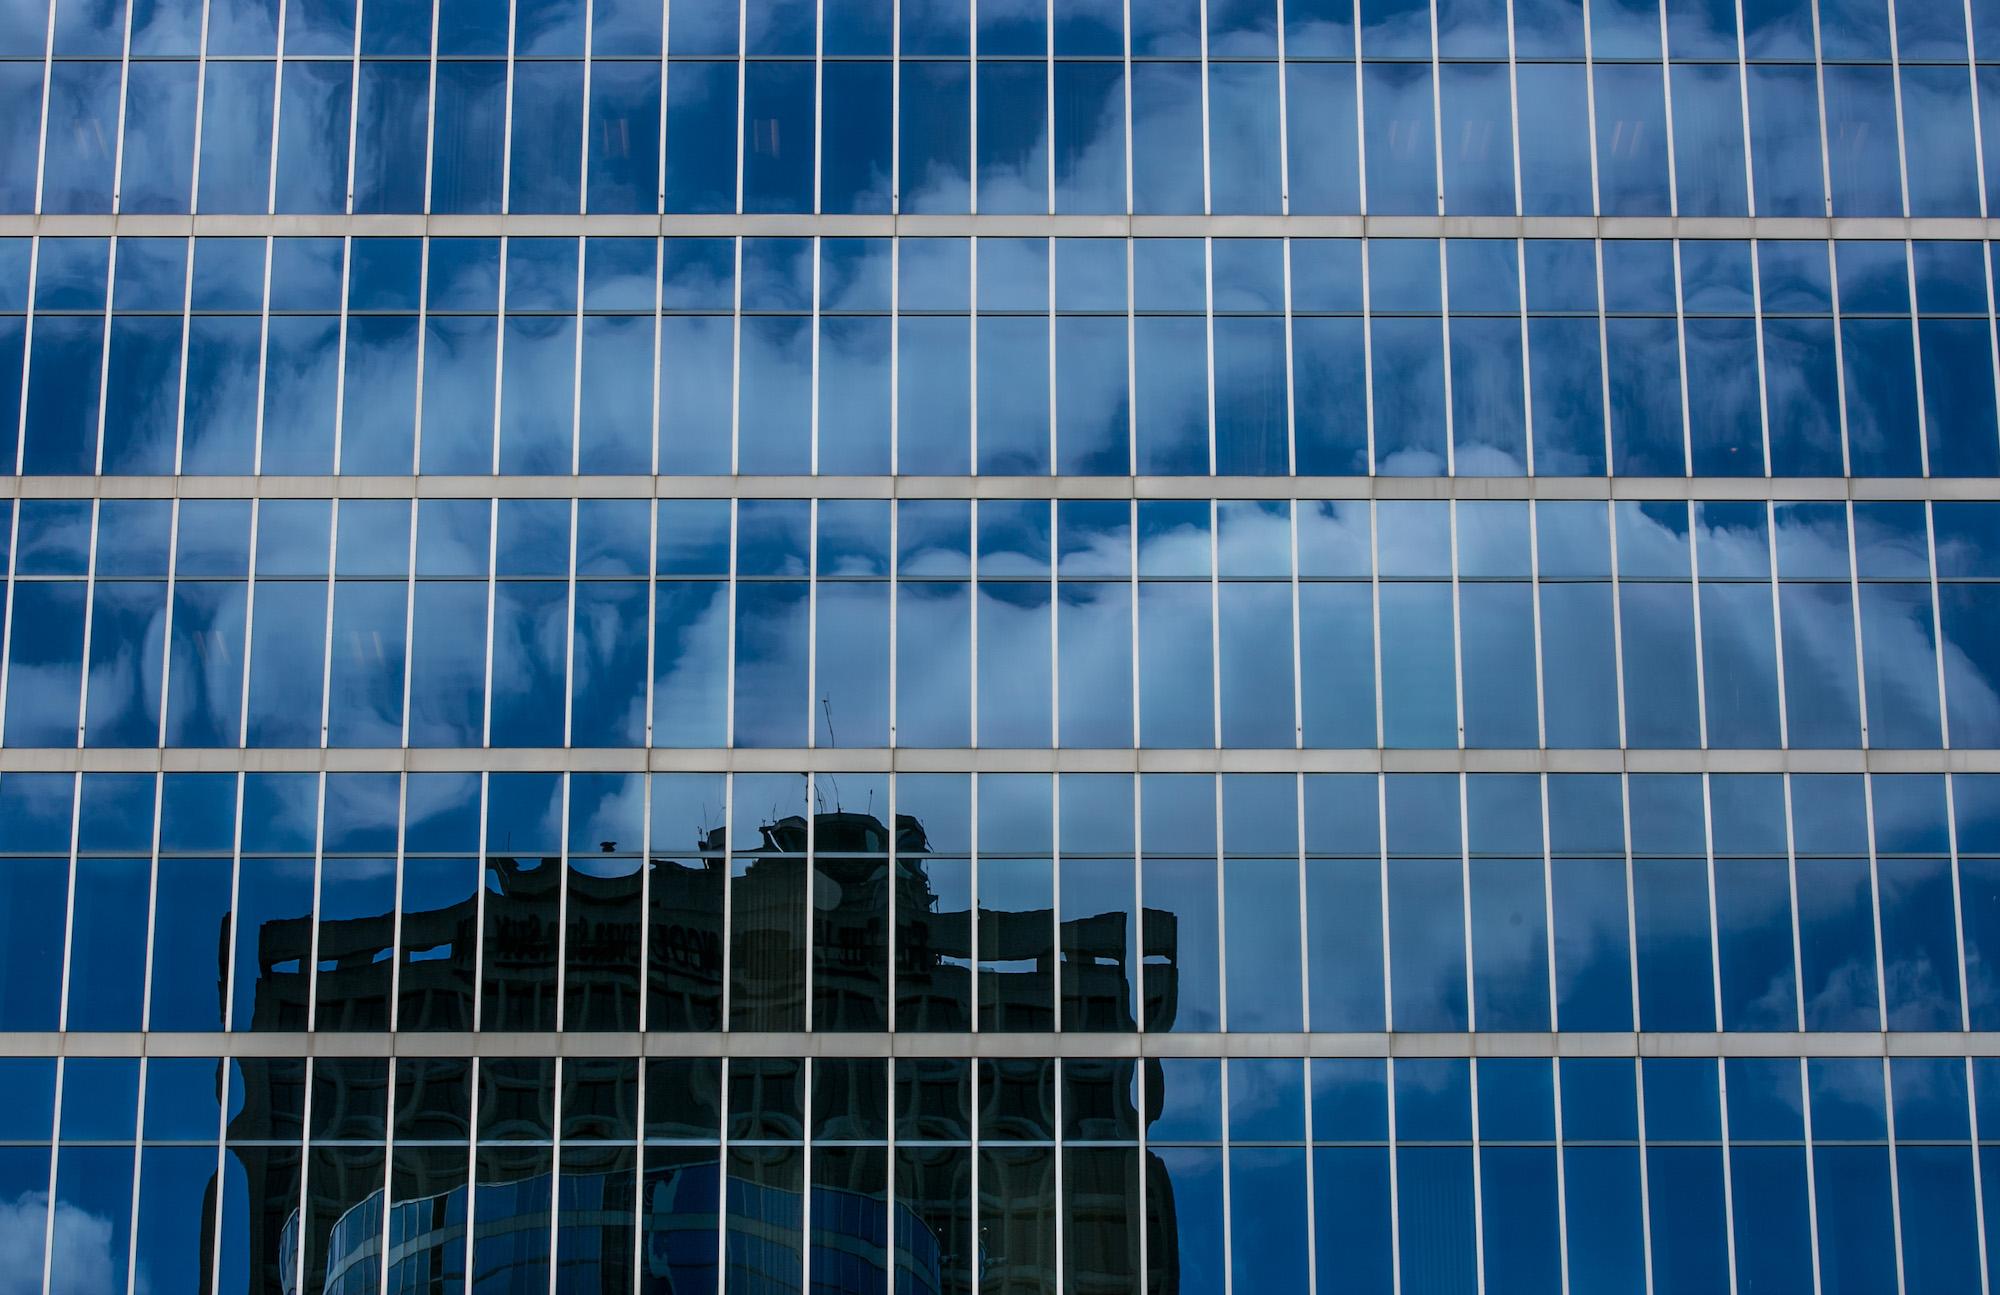 Windows of a skyscraper.